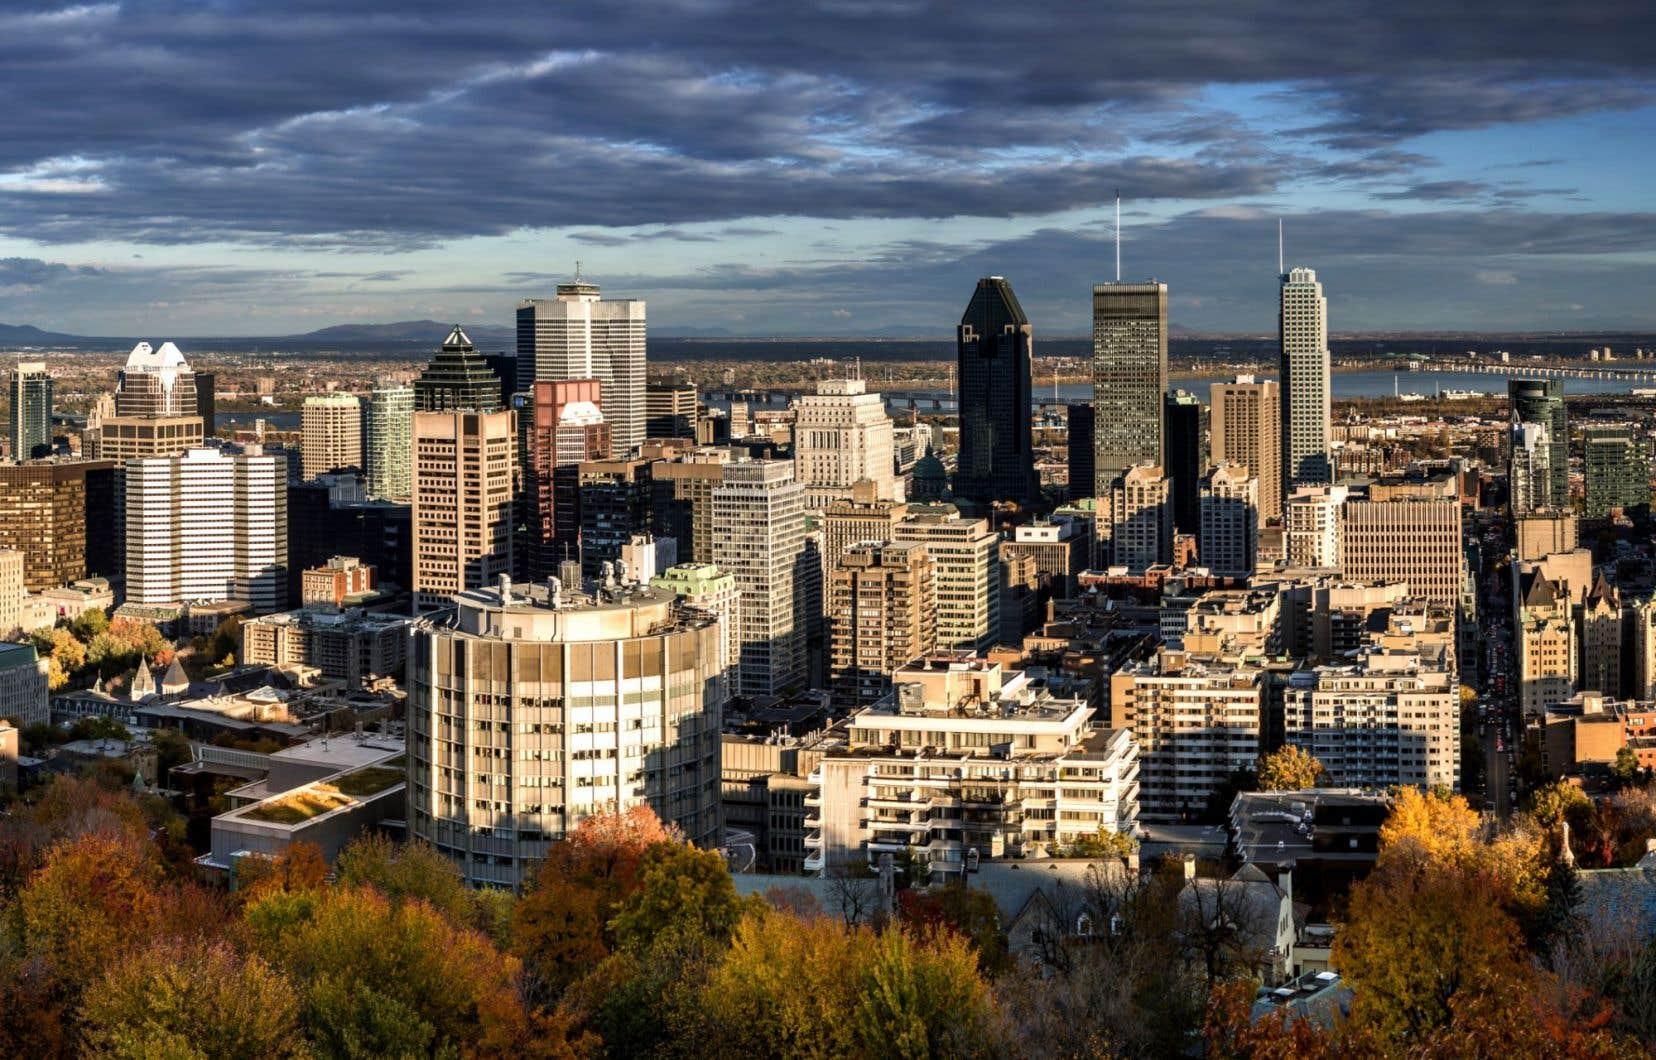 En matière d'emploi, la région métropolitaine Montréal affiche le deuxième taux de chômage, soit 8,1 %, derrière la région de Toronto (8,2 %).